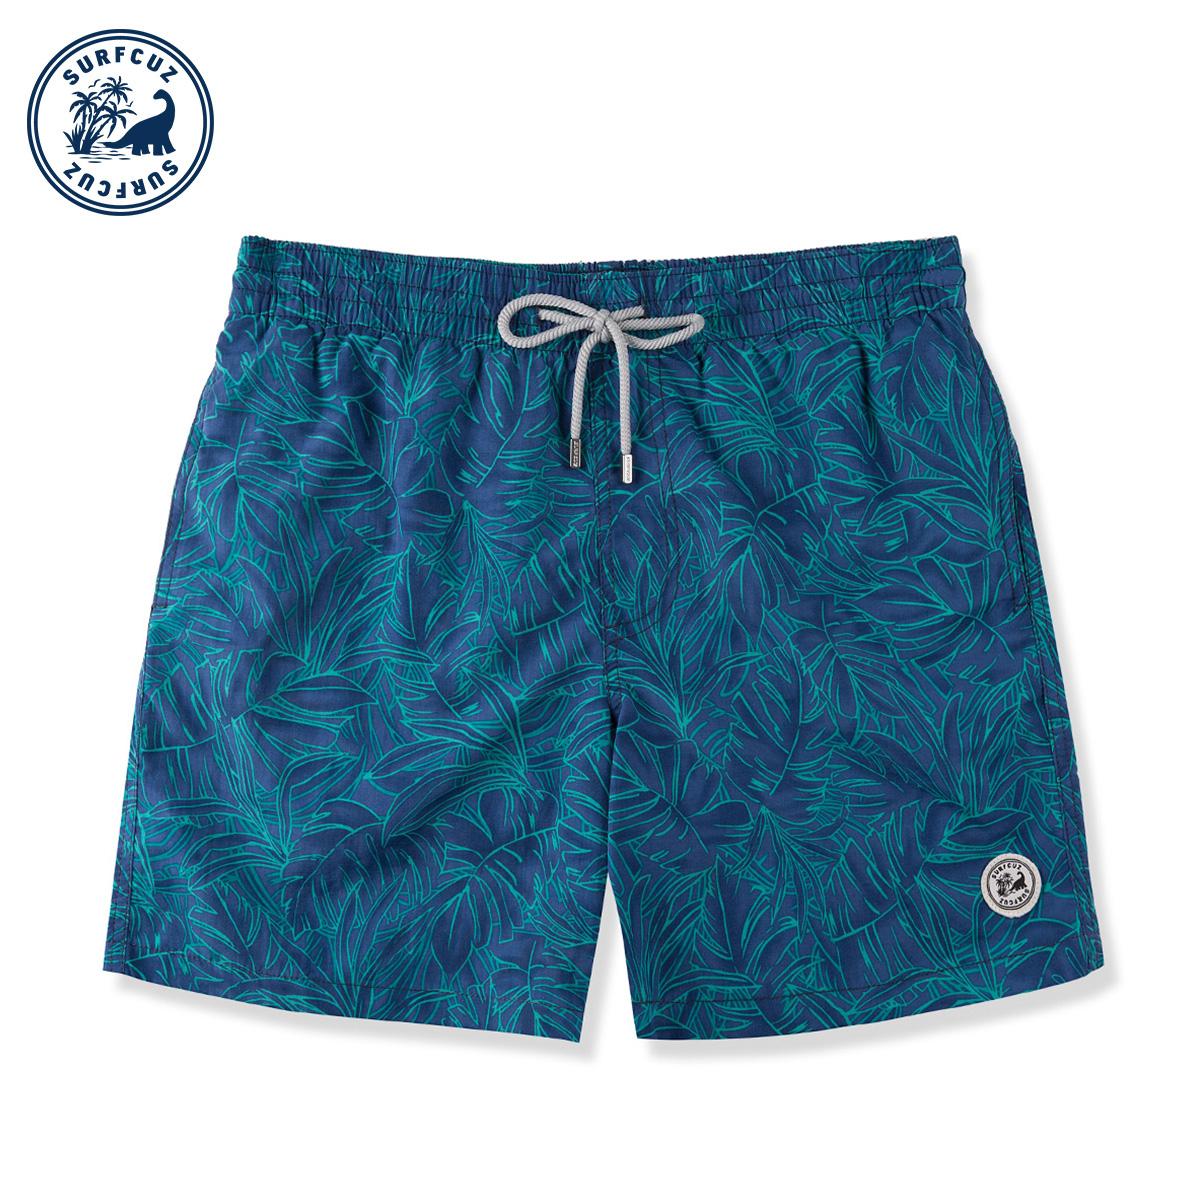 surfcuz 温泉男士泳裤速干宽松大码可下水沙滩裤男士泳裤温泉度假